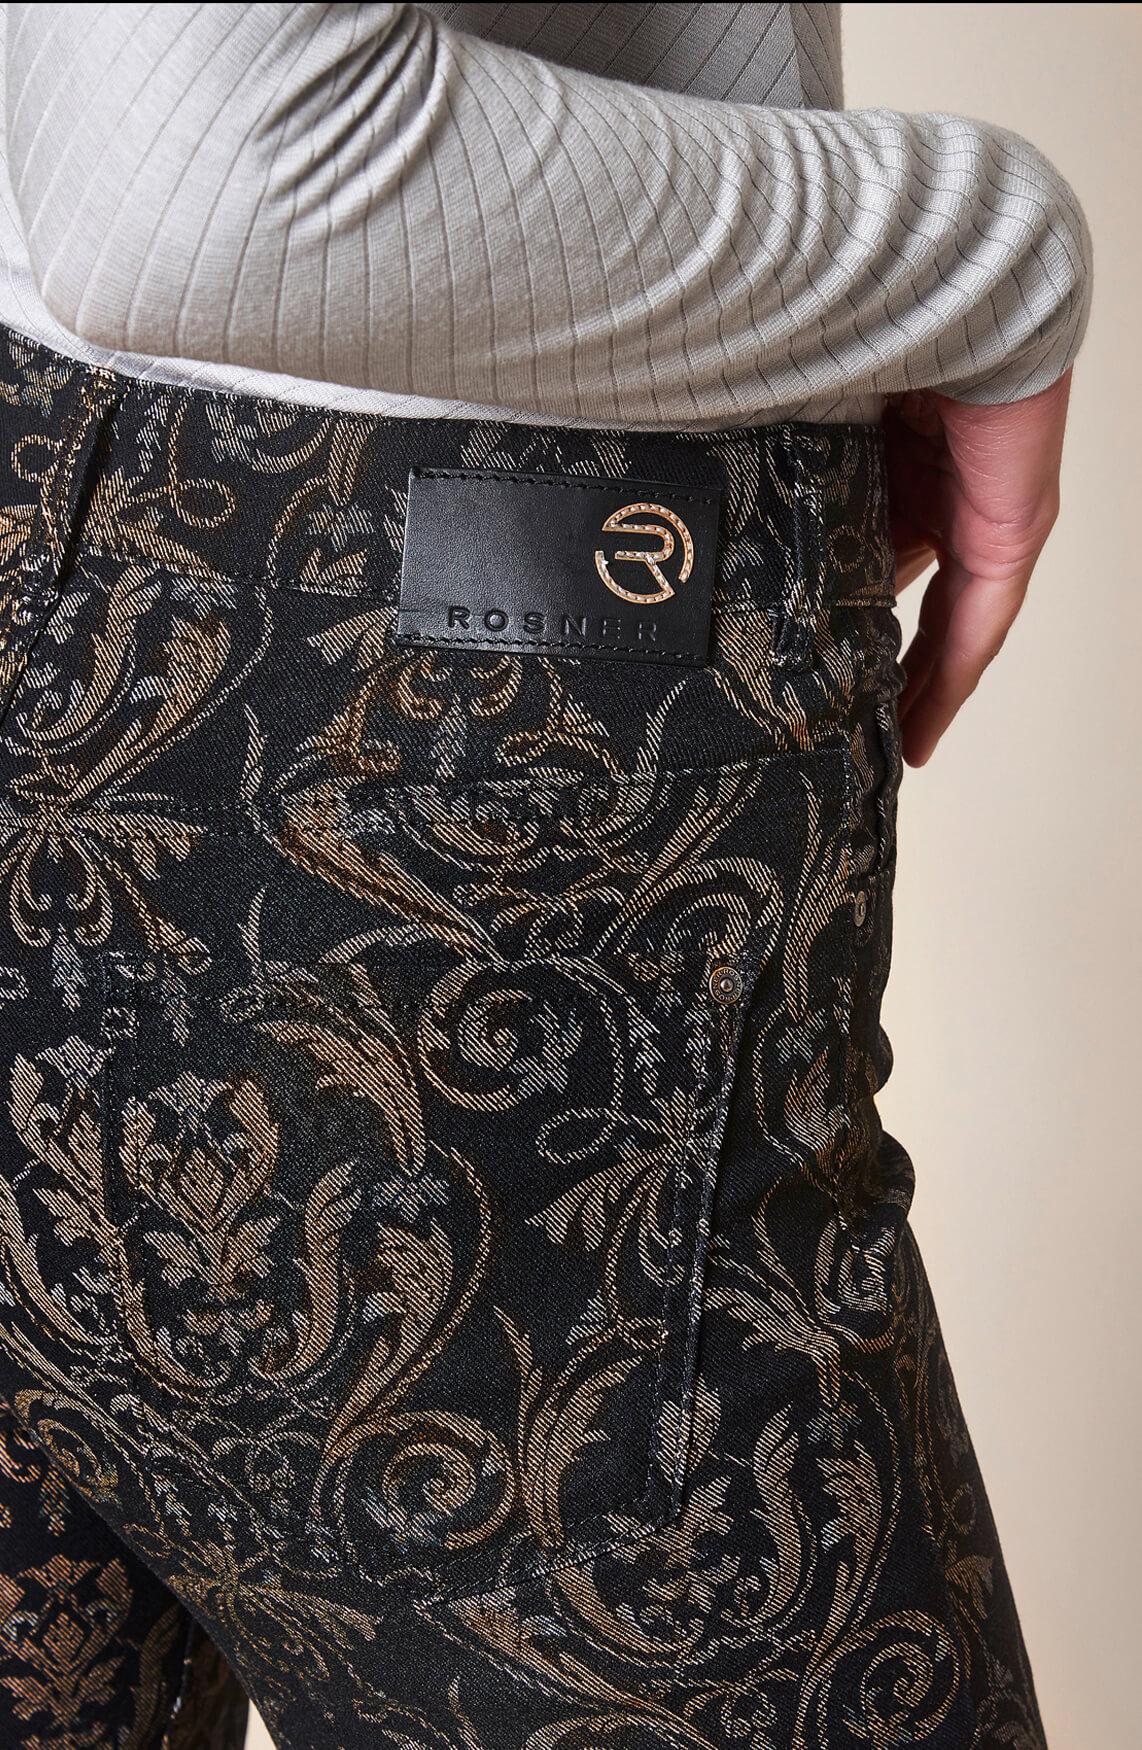 Rosner Dames L32 Audrey broek met print Bruin